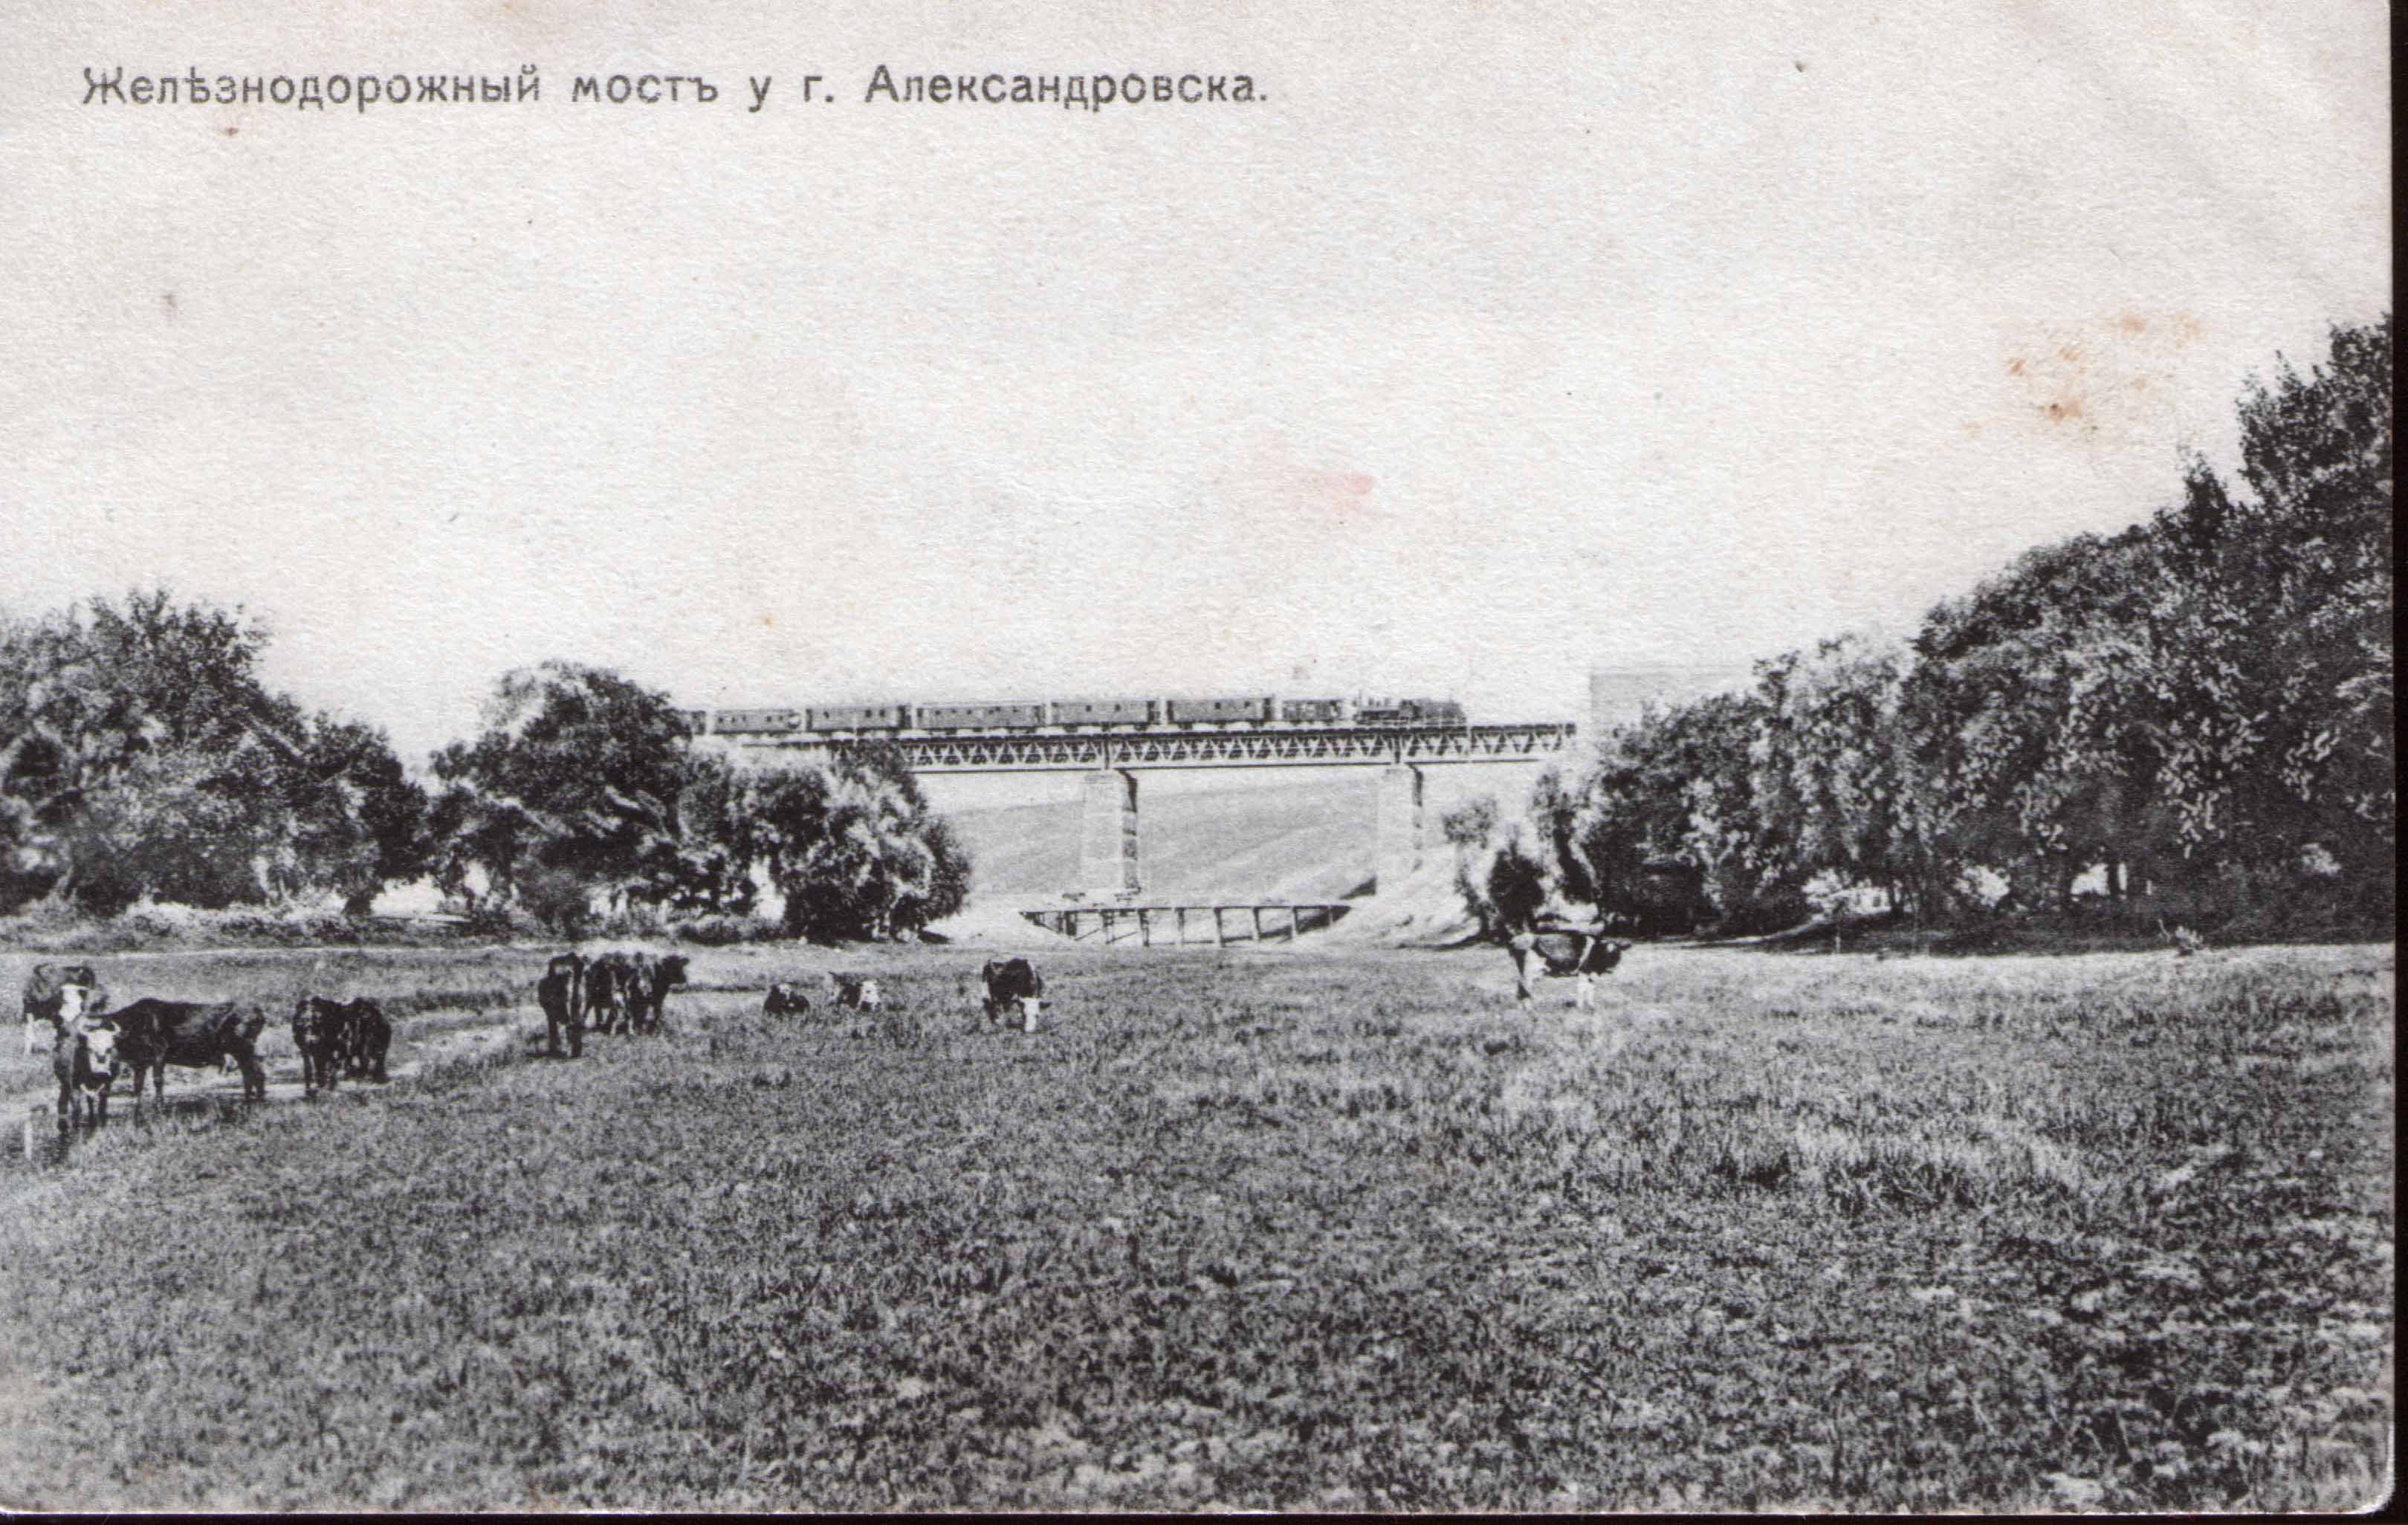 Окрестности Александровска. Железнодорожный мост